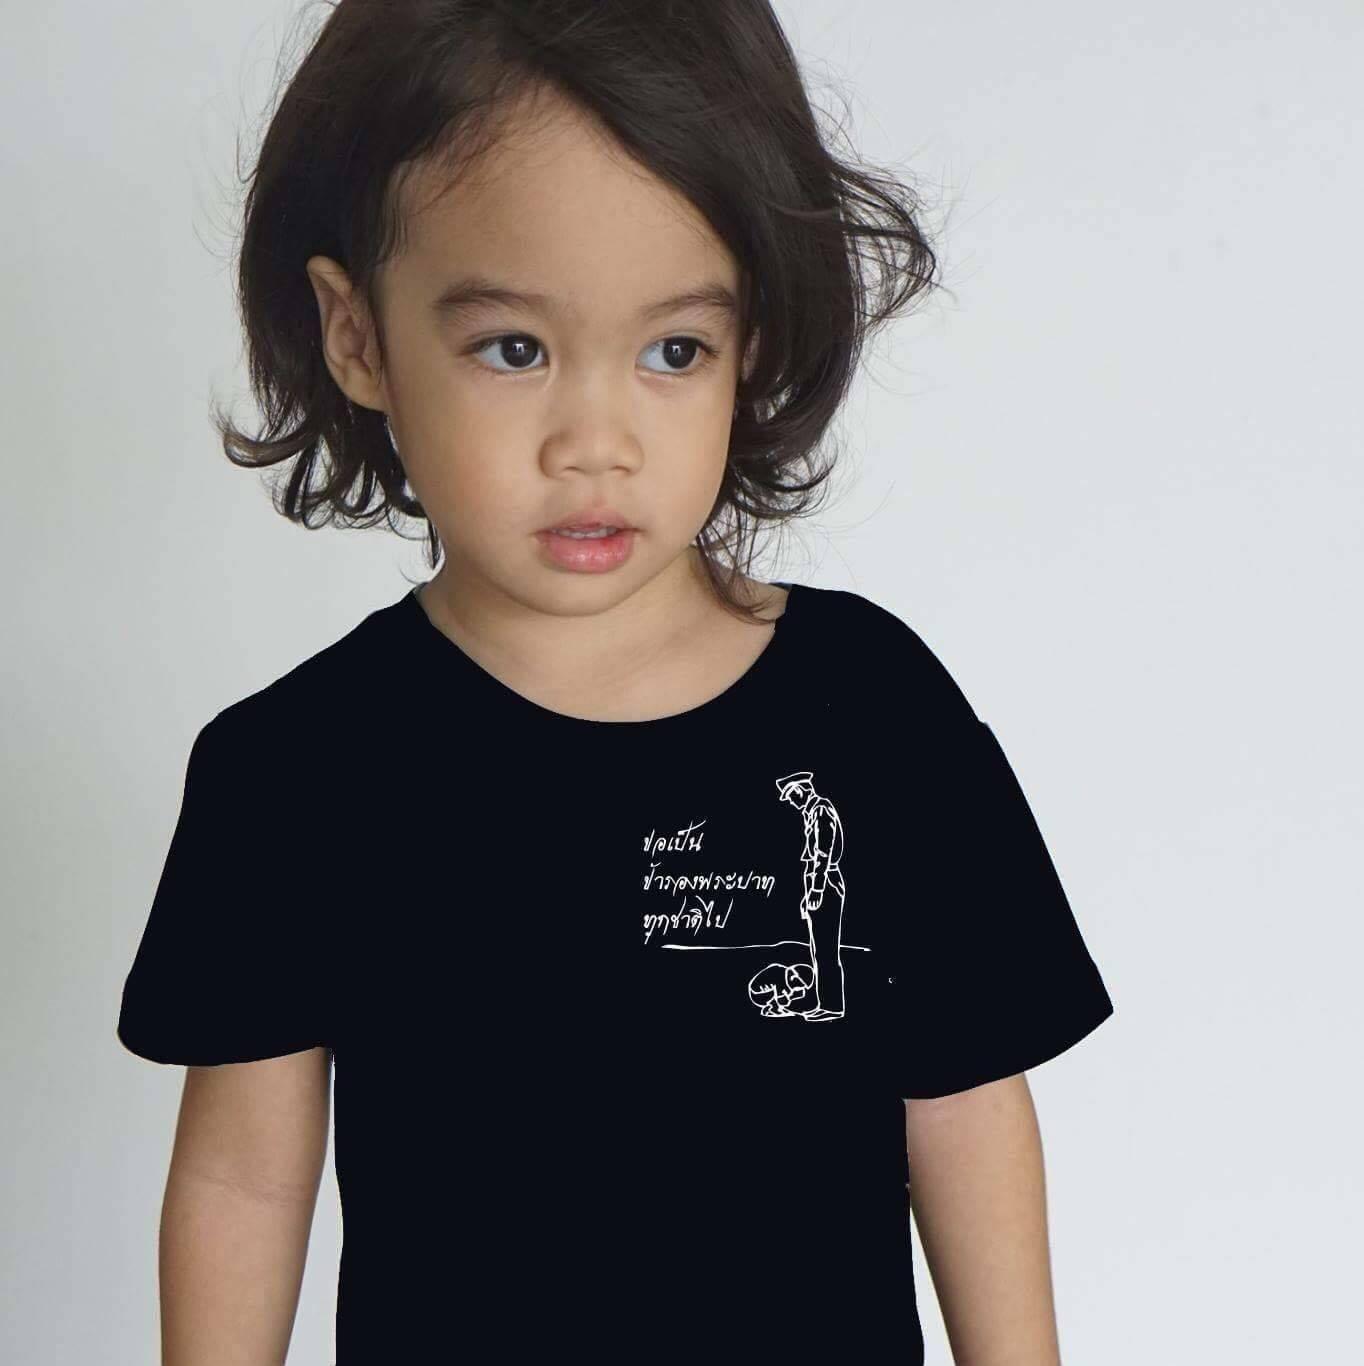 เสื้อเด็กสีดำ ถวายความอาลัยรัชกาลที่9 มีให้เลือก 2 แบบ